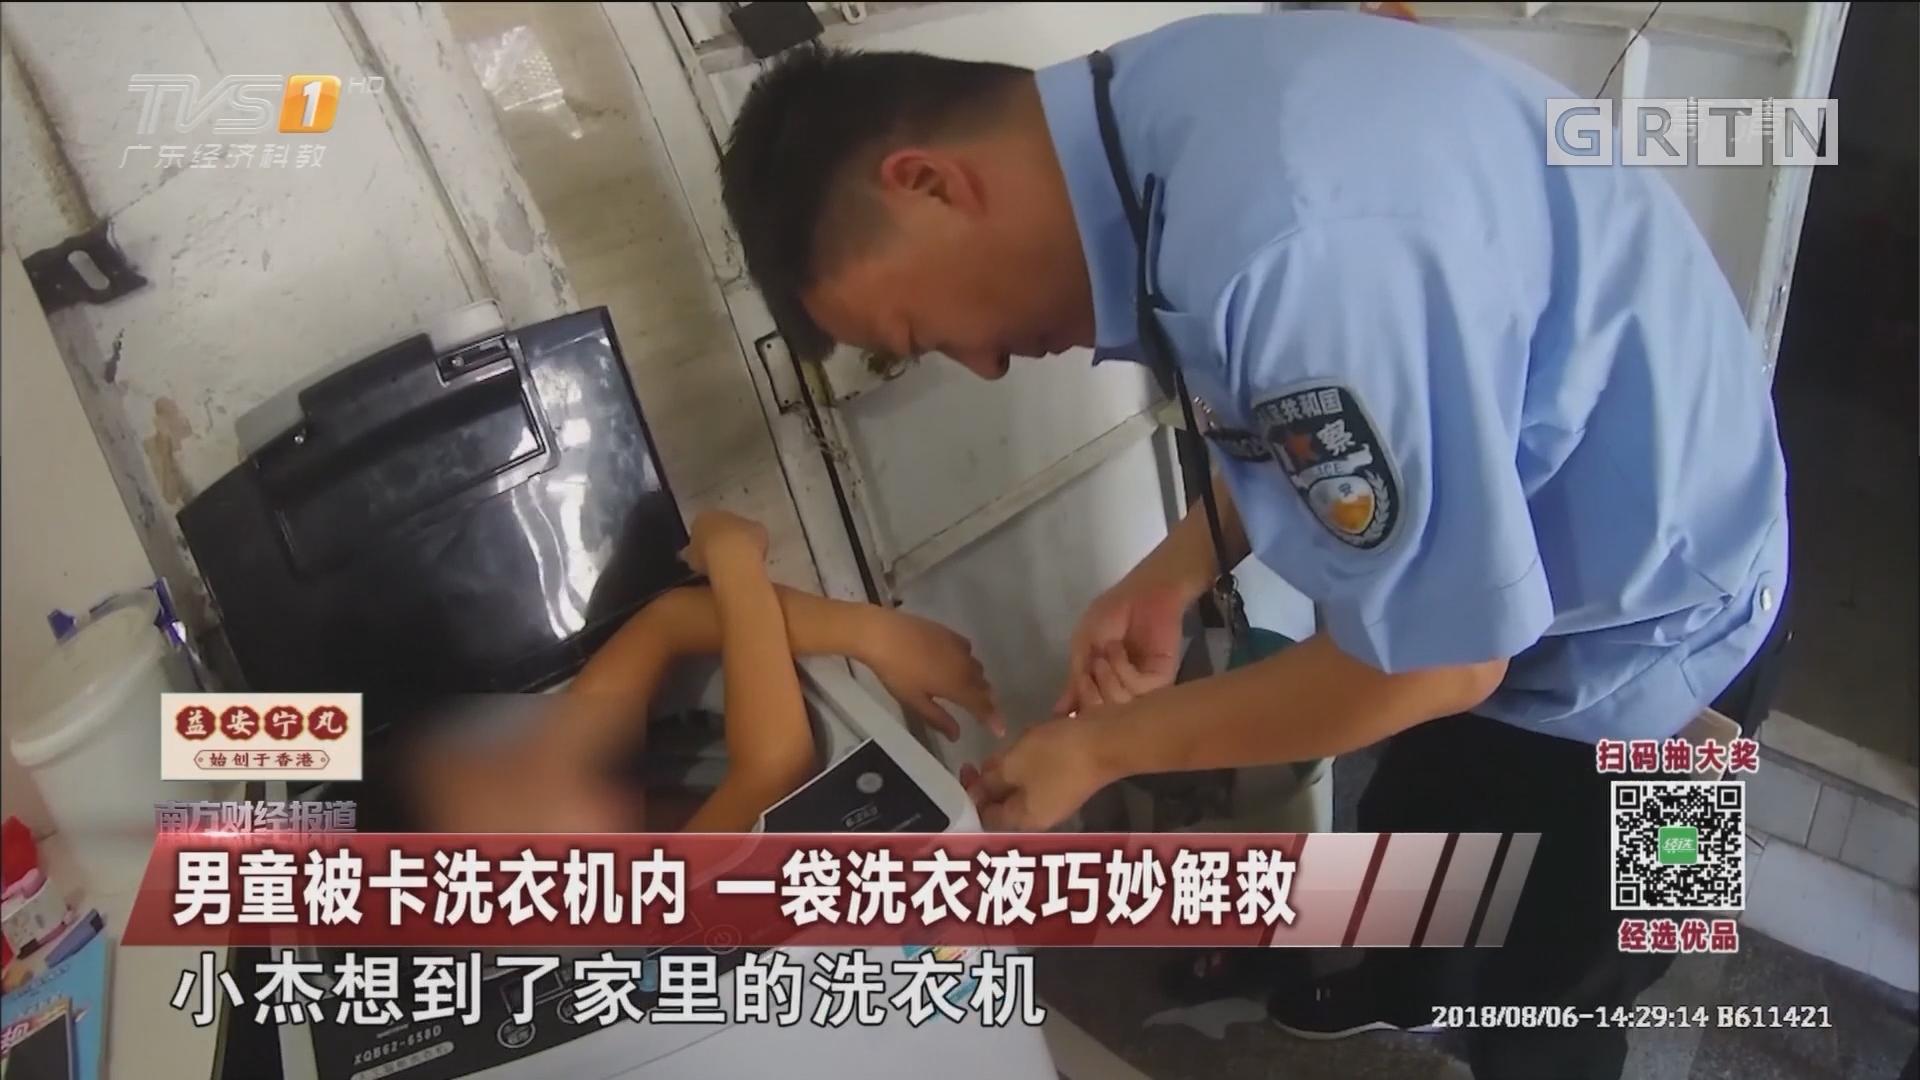 男童被卡洗衣机内 一袋洗衣液巧妙解救